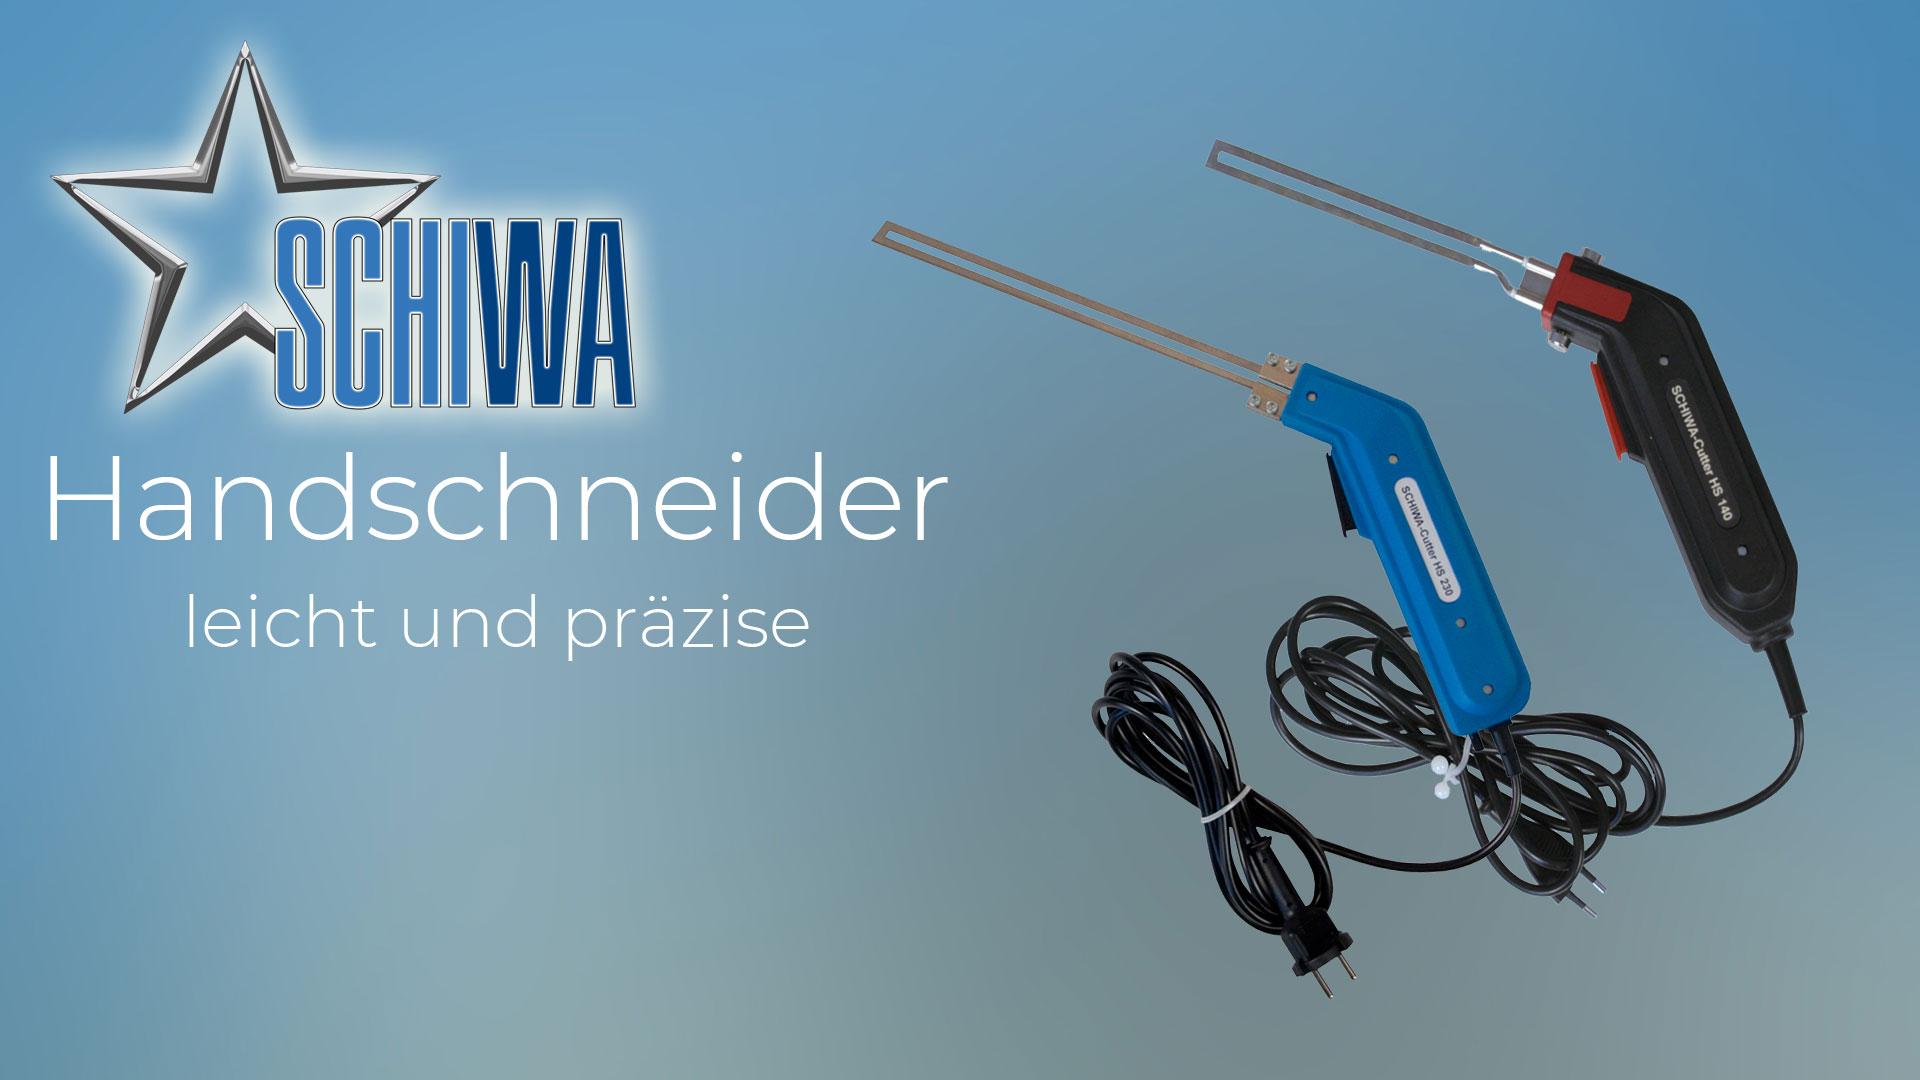 Schiwa Handschneider